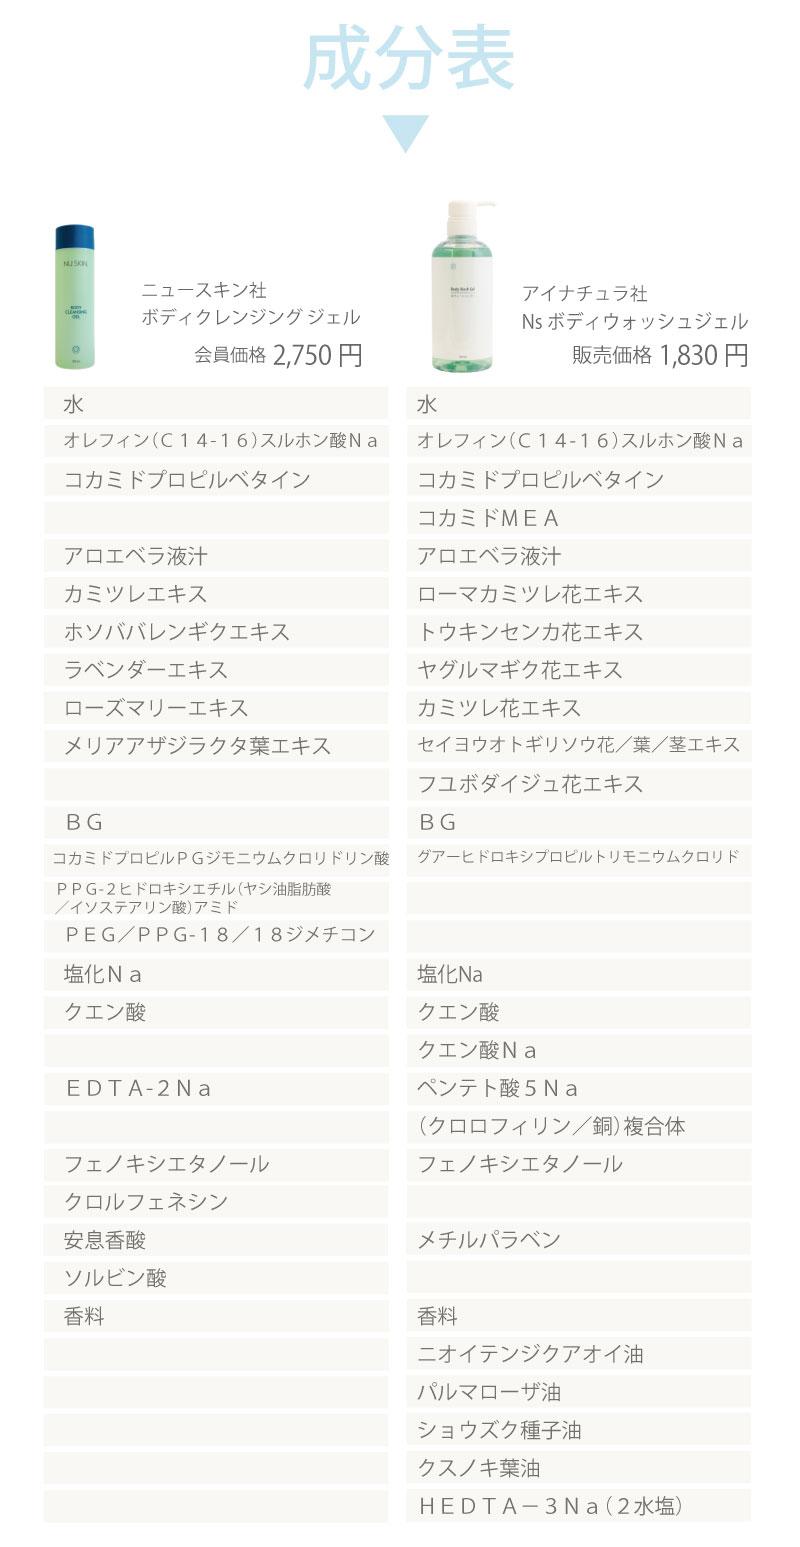 NU SKIN社製 ボディクレンジングジェルとアイナチュラ社 Nsボディウォッシュジェルの成分表